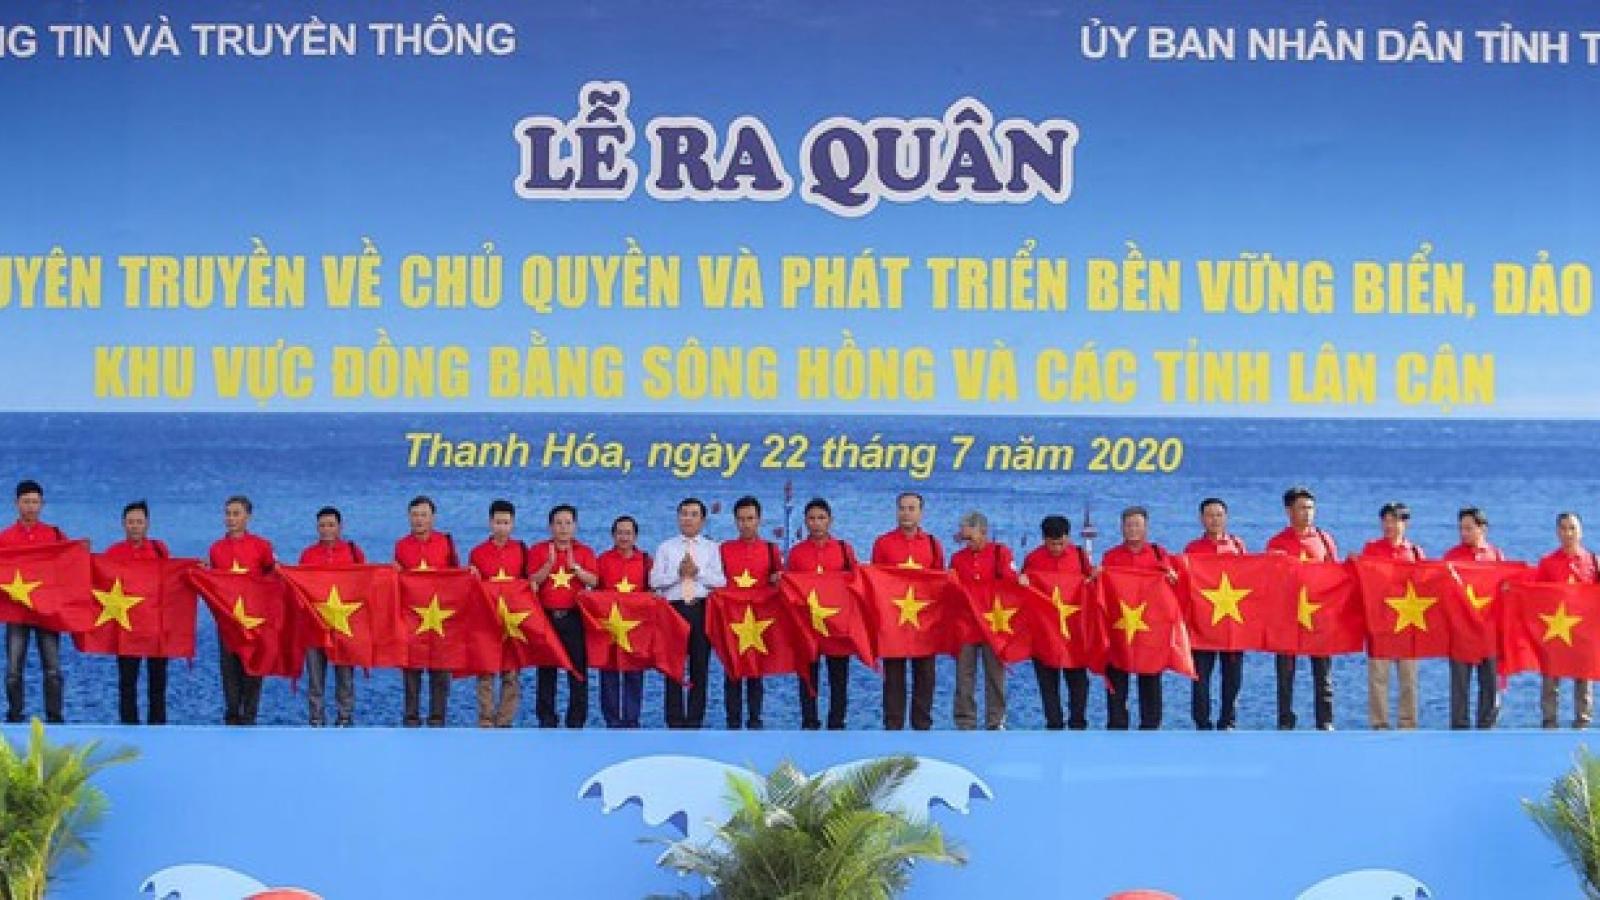 Trao tặng 2.000 lá cờ Tổ quốc cho ngư dân Thanh Hóa